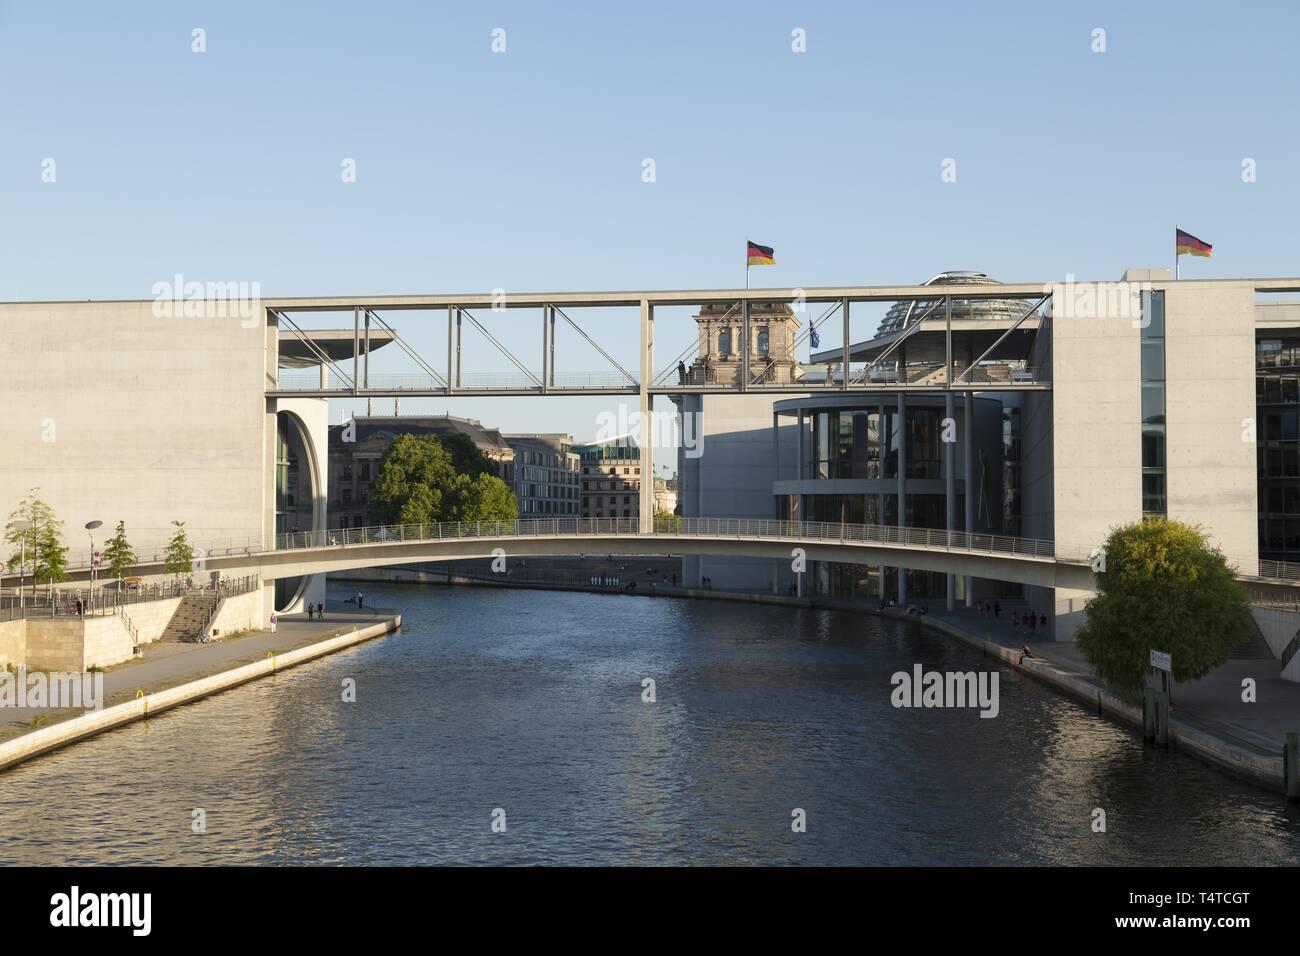 Pont sur la Spree entre Marie-Elisabeth-Lueders-Haus¶et le Paul Lévesque être House, Berlin, Germany, Europe Banque D'Images